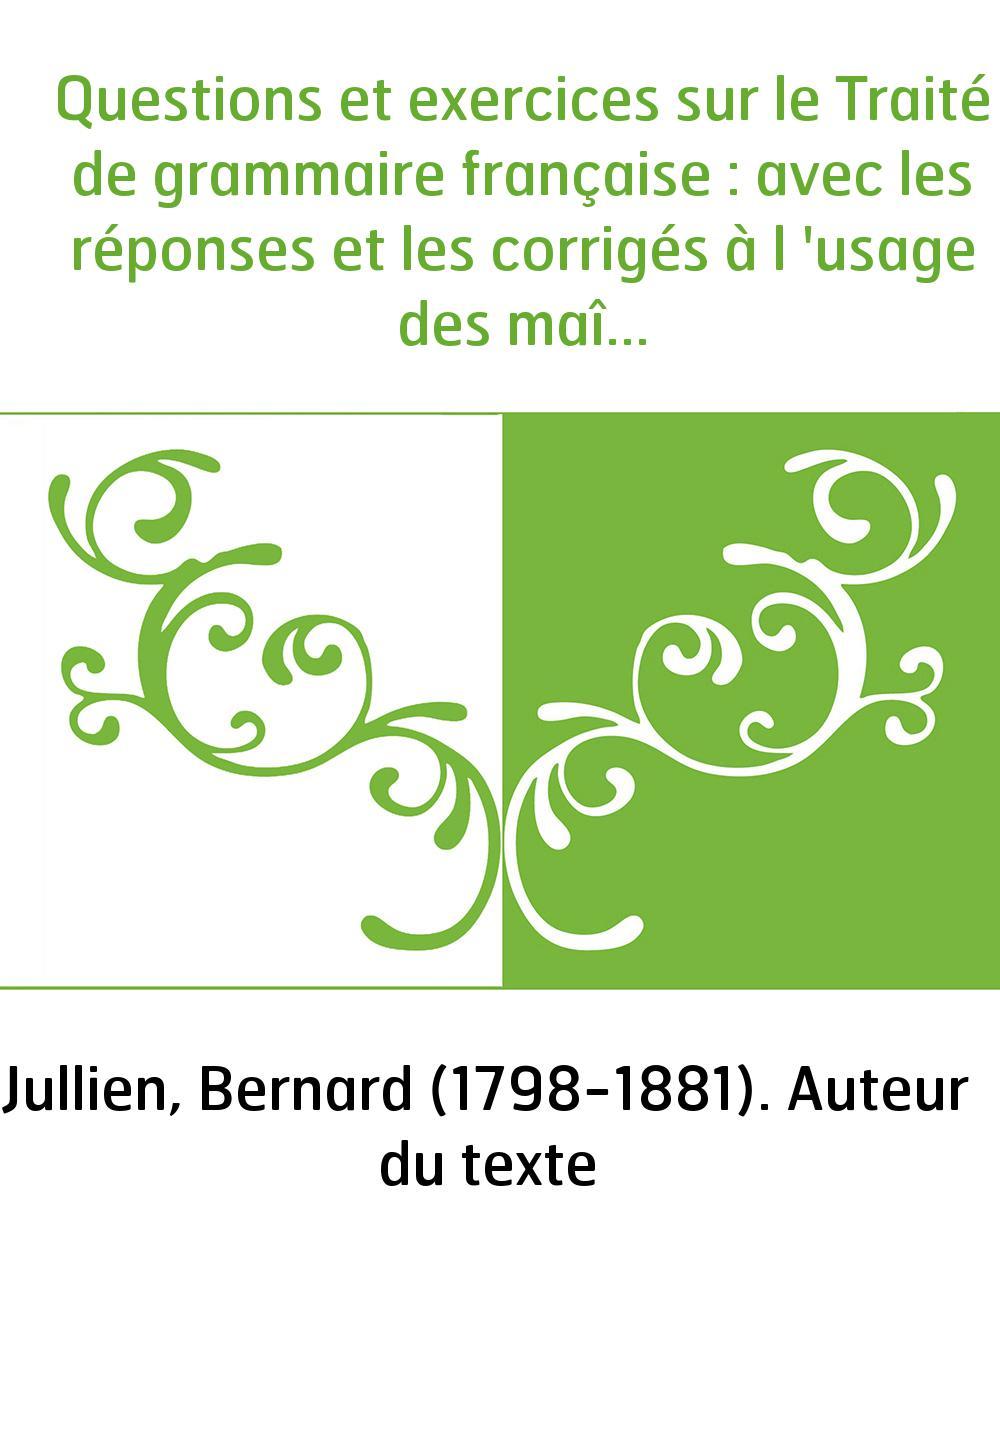 Questions et exercices sur le Traité de grammaire française : avec les réponses et les corrigés à l 'usage des maîtres. Partie 1